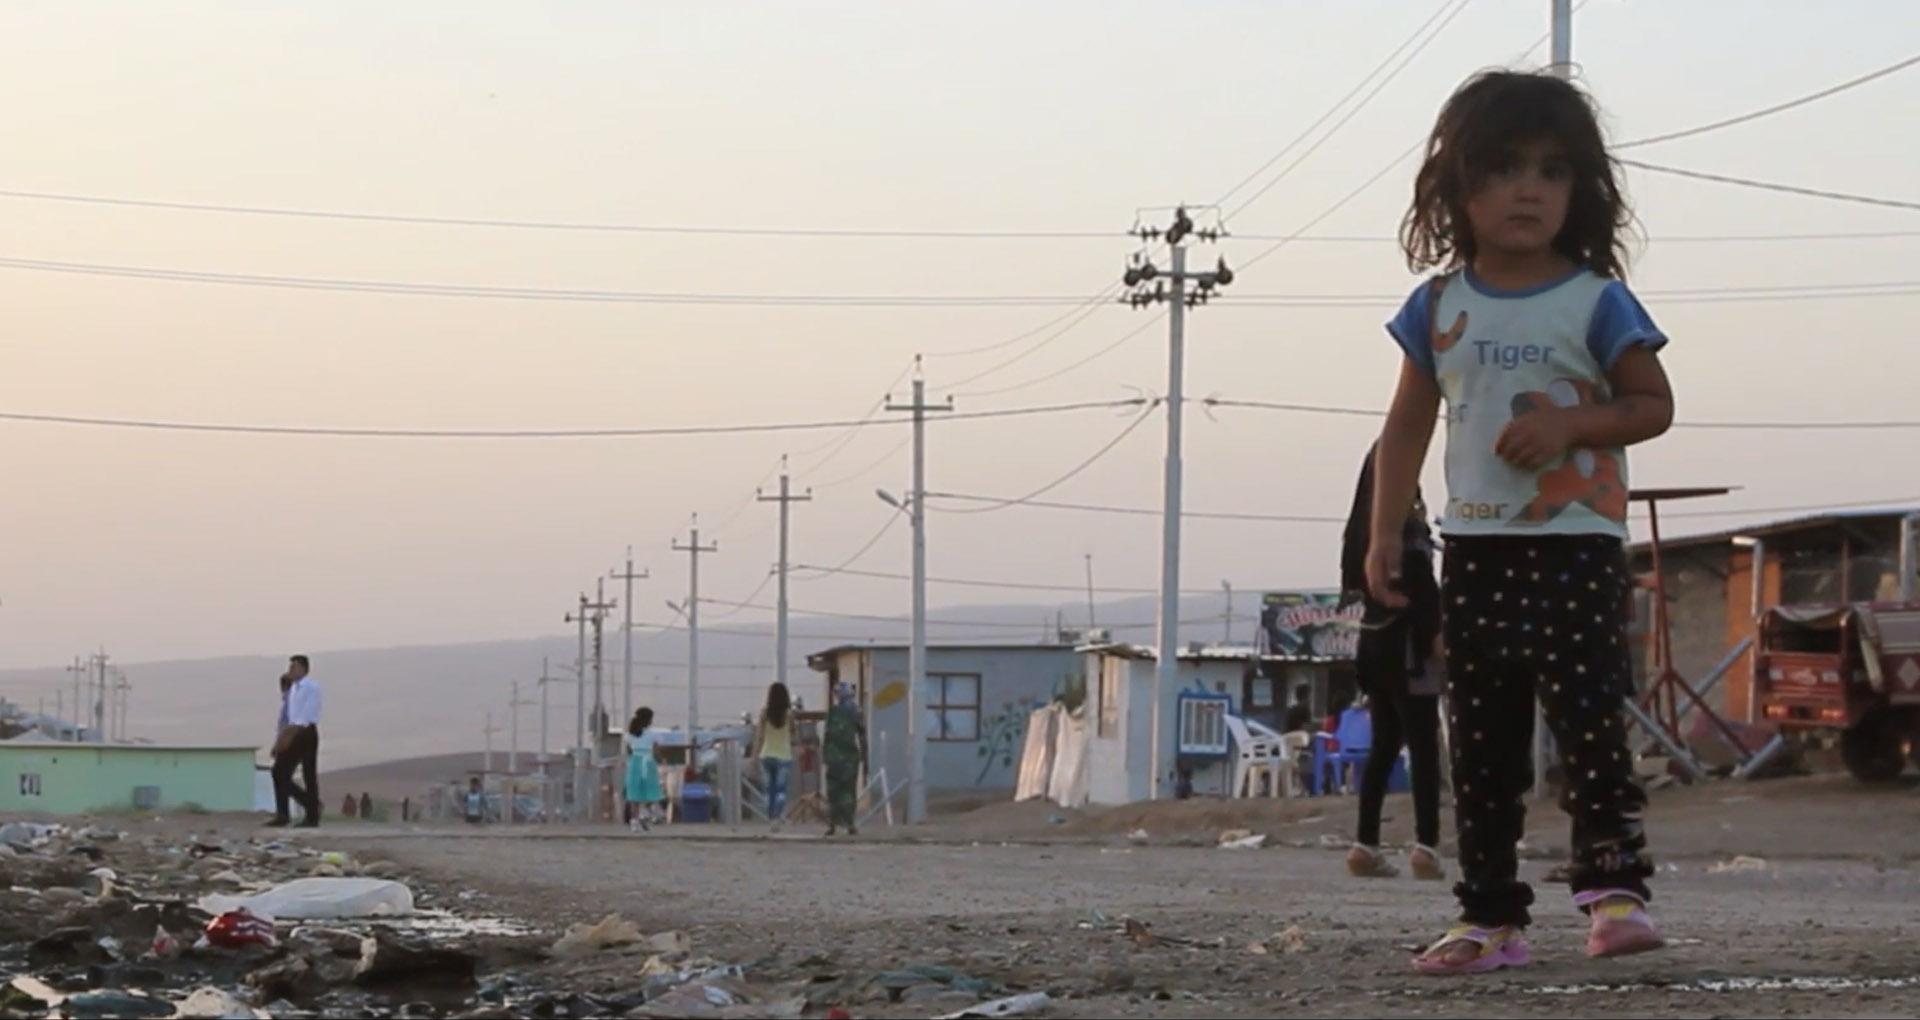 Image couleur, une petite fille en premier plan, dans un camp de réfugiés